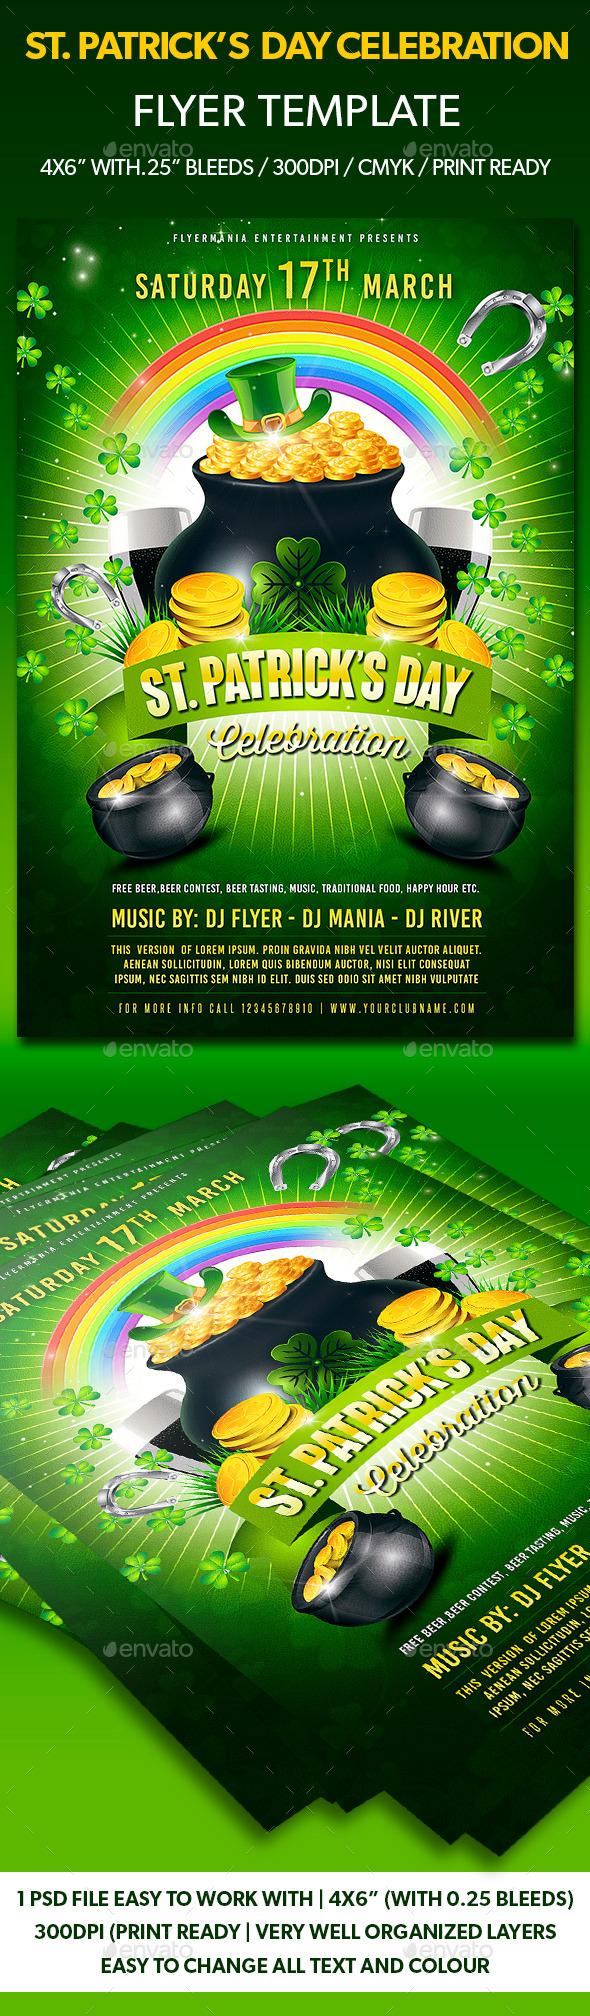 St. Patrick's Day Celebration Flyer Template - Flyers Print Templates